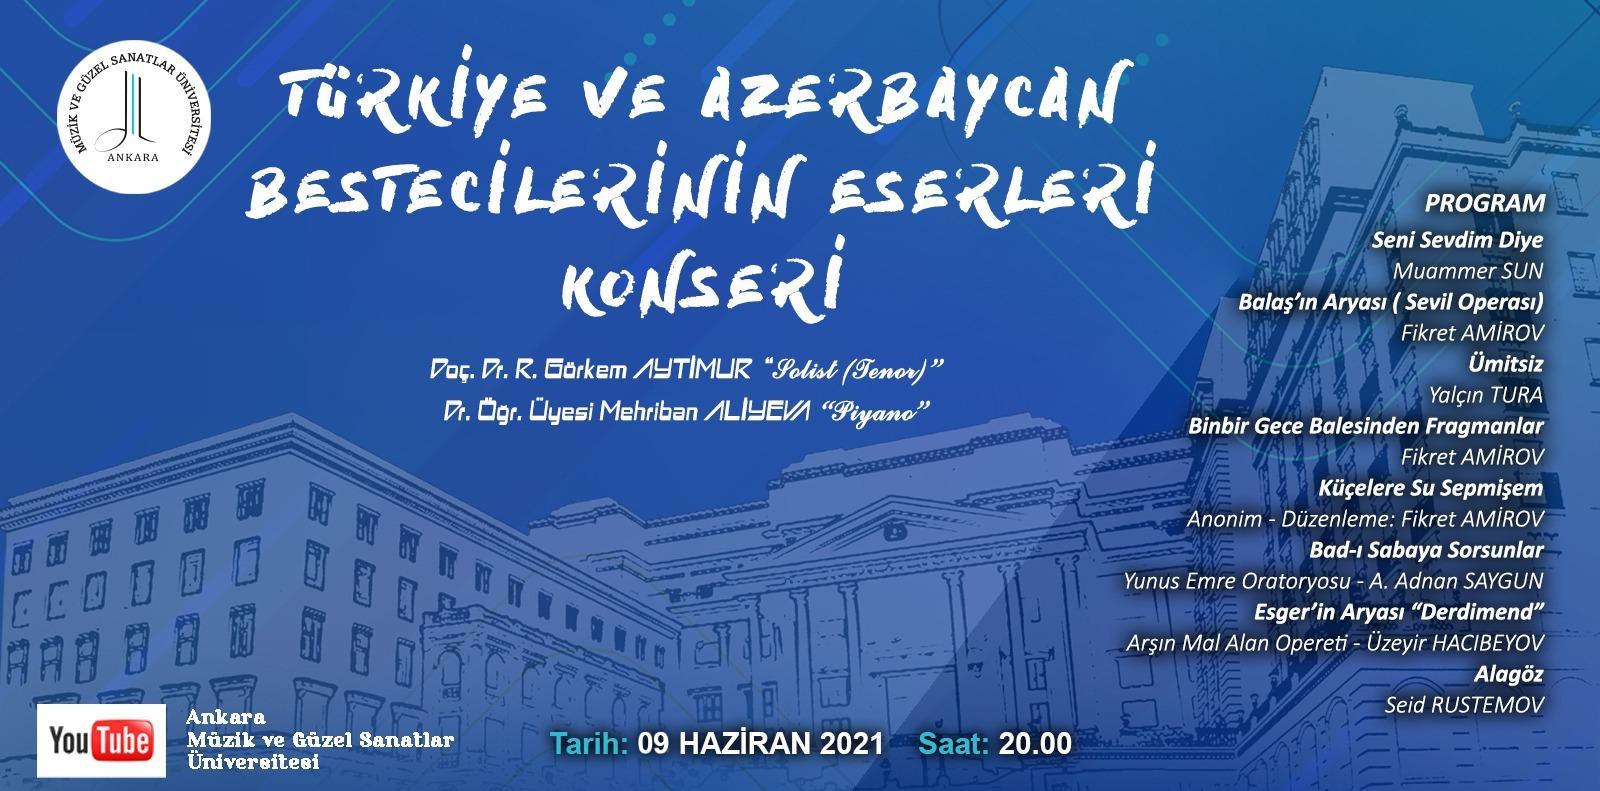 TÜRKİYE VE AZERBAYCAN BESTECİLERİNİN ESERLERİ KONSERİ